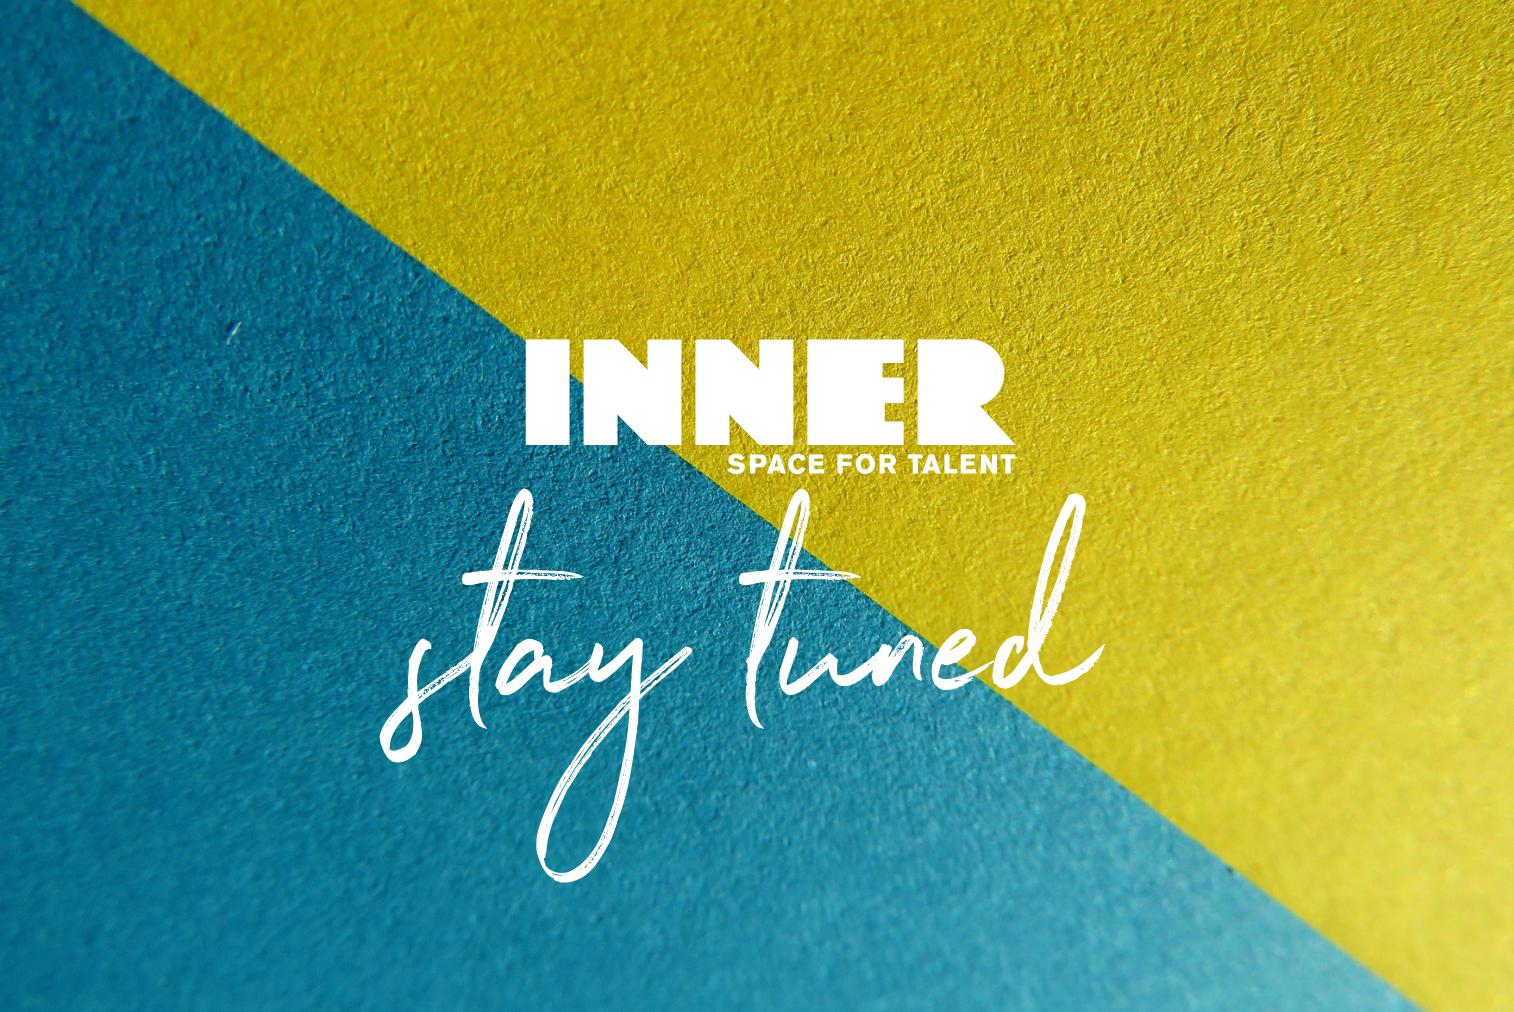 inner eventi stay tuned pronti a ripartire con nuove proposte per aziende e persone in carriera